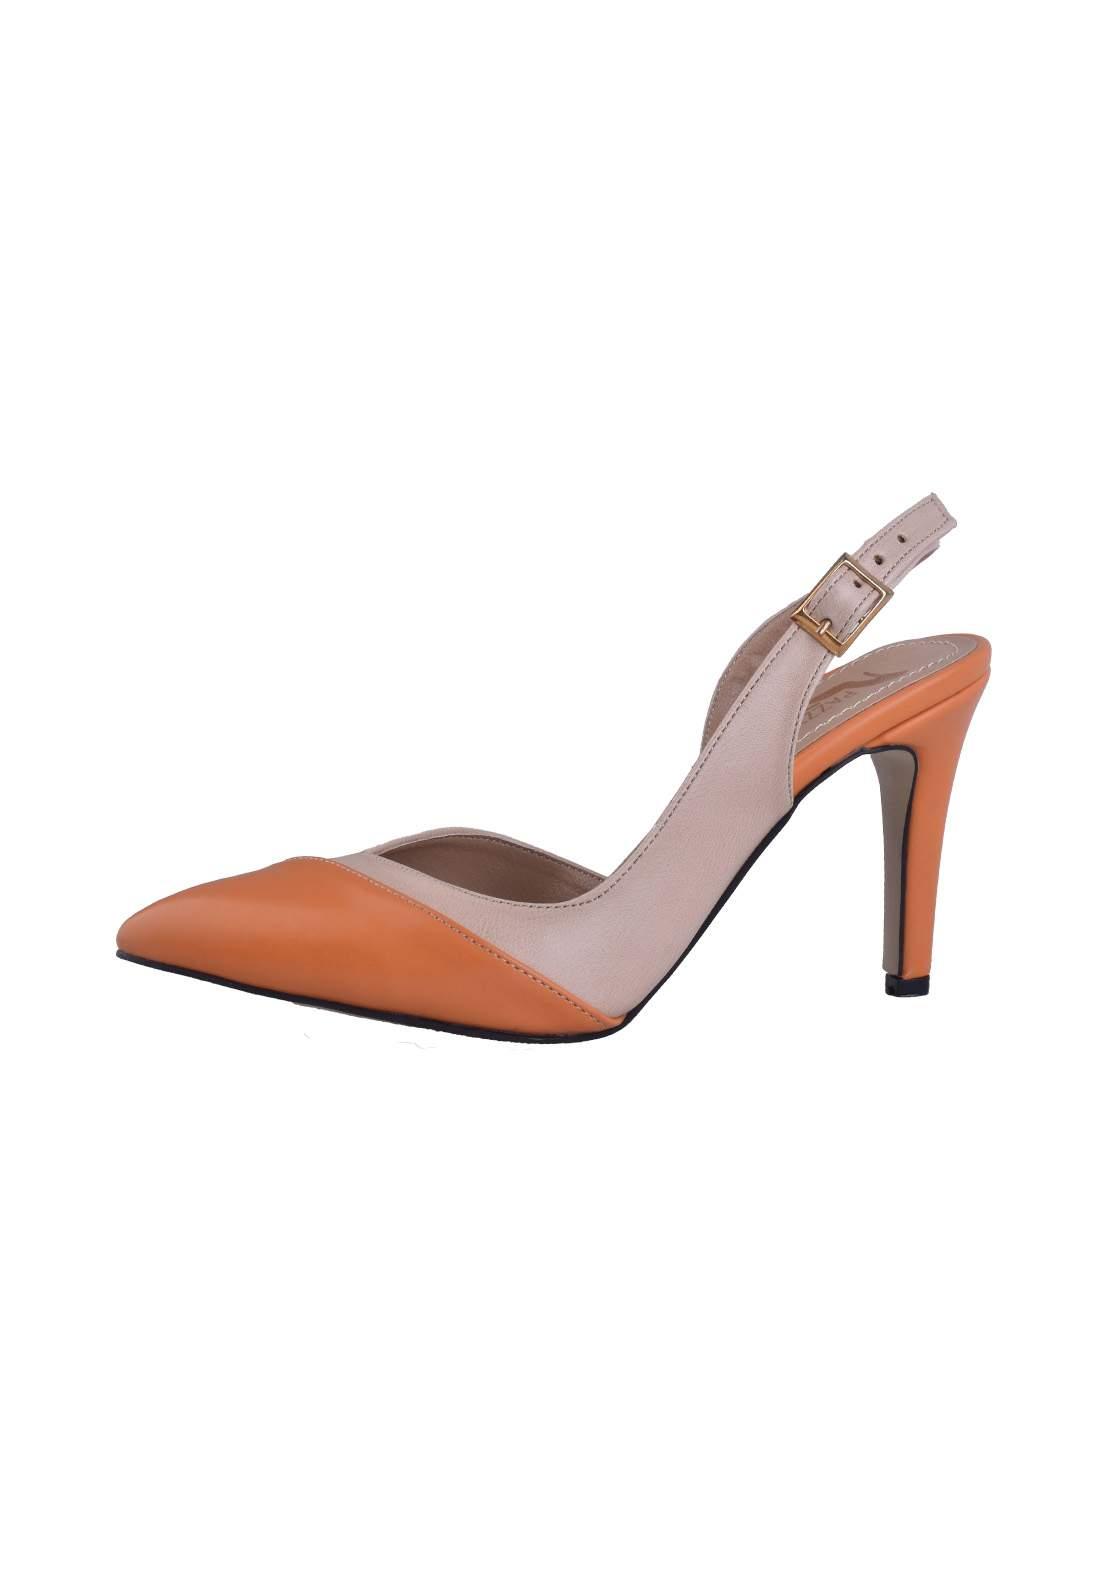 حذاء كعب نسائي باللون البرتقالي والبيجي